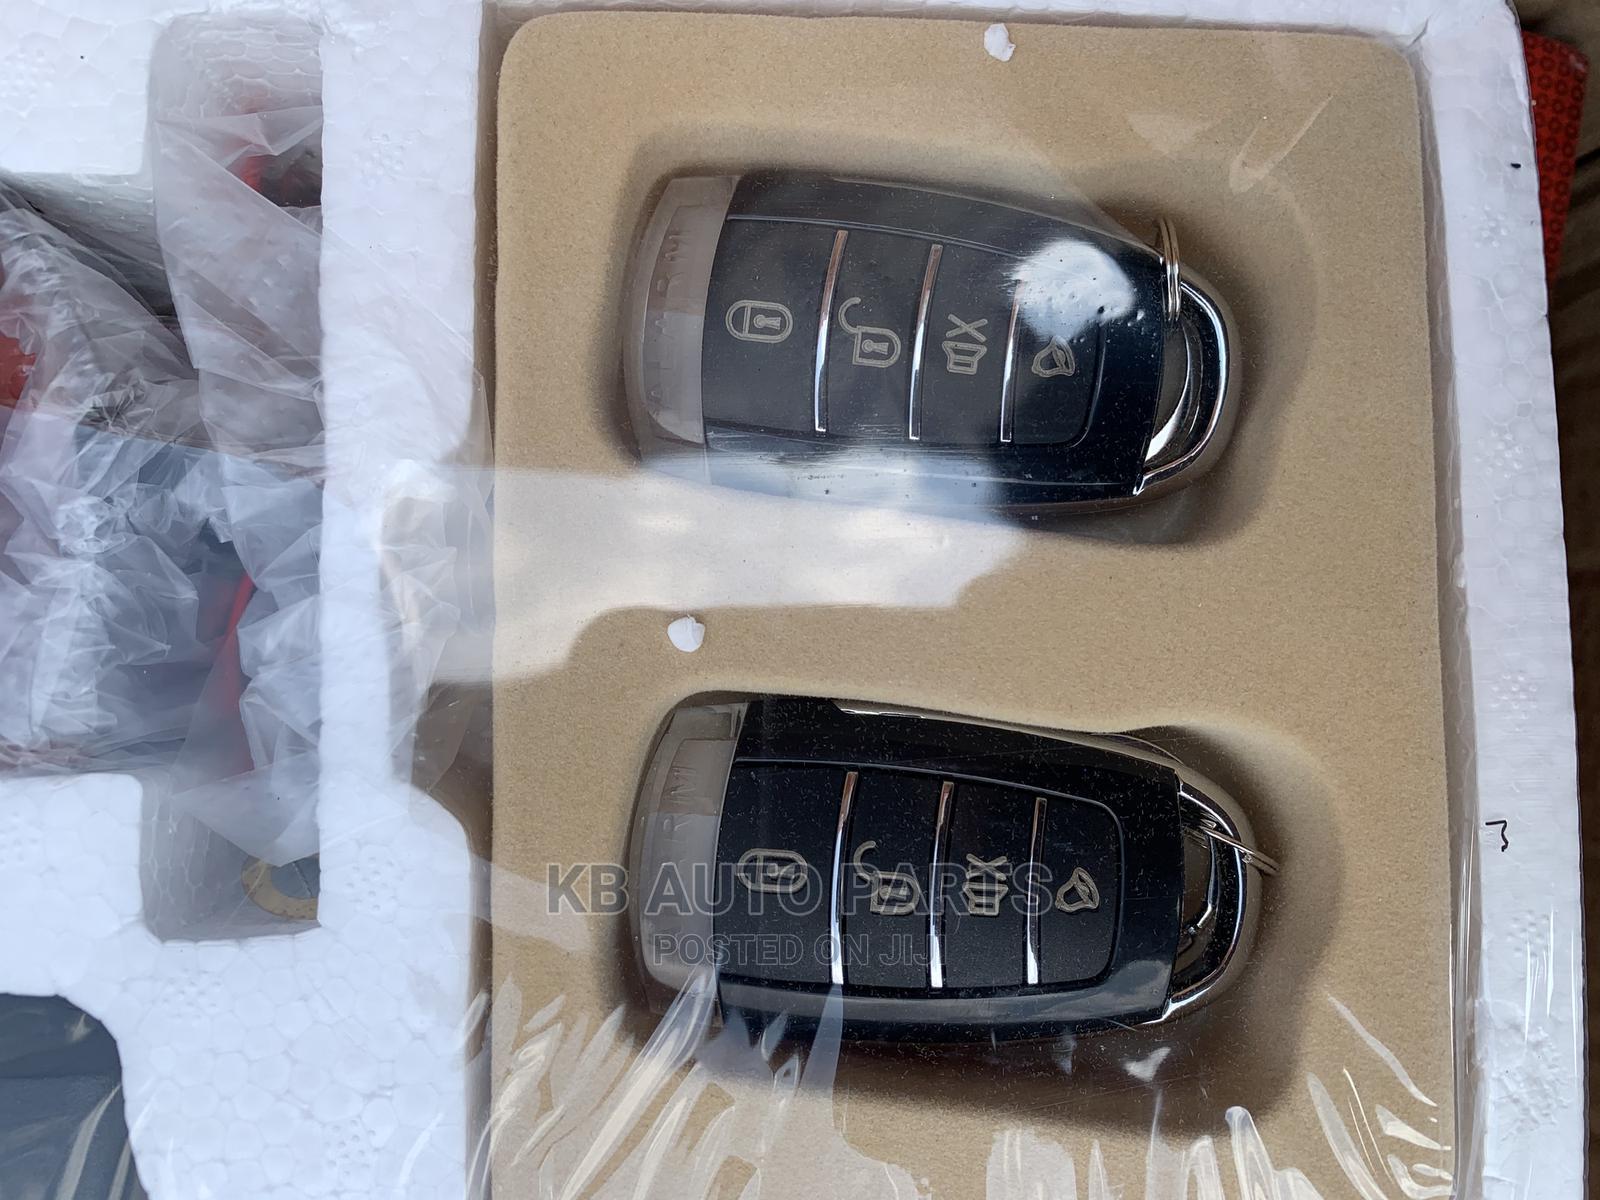 Security Car Alarms